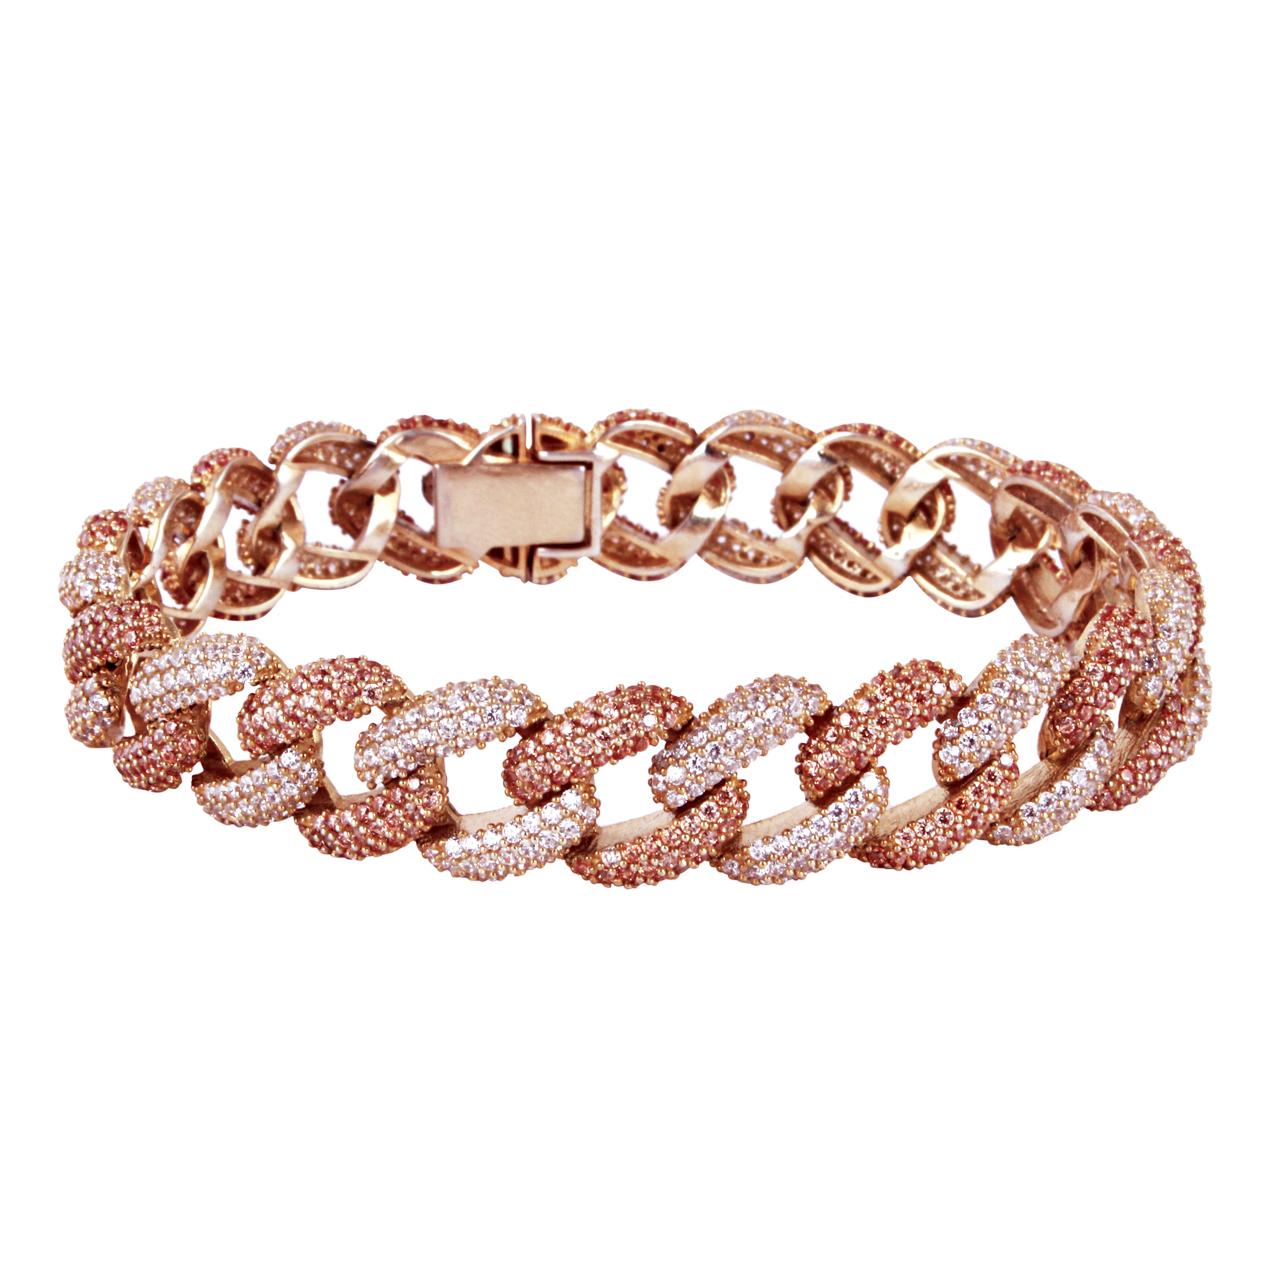 دستبند نقره زنانه مد و کلاس کد MC-379